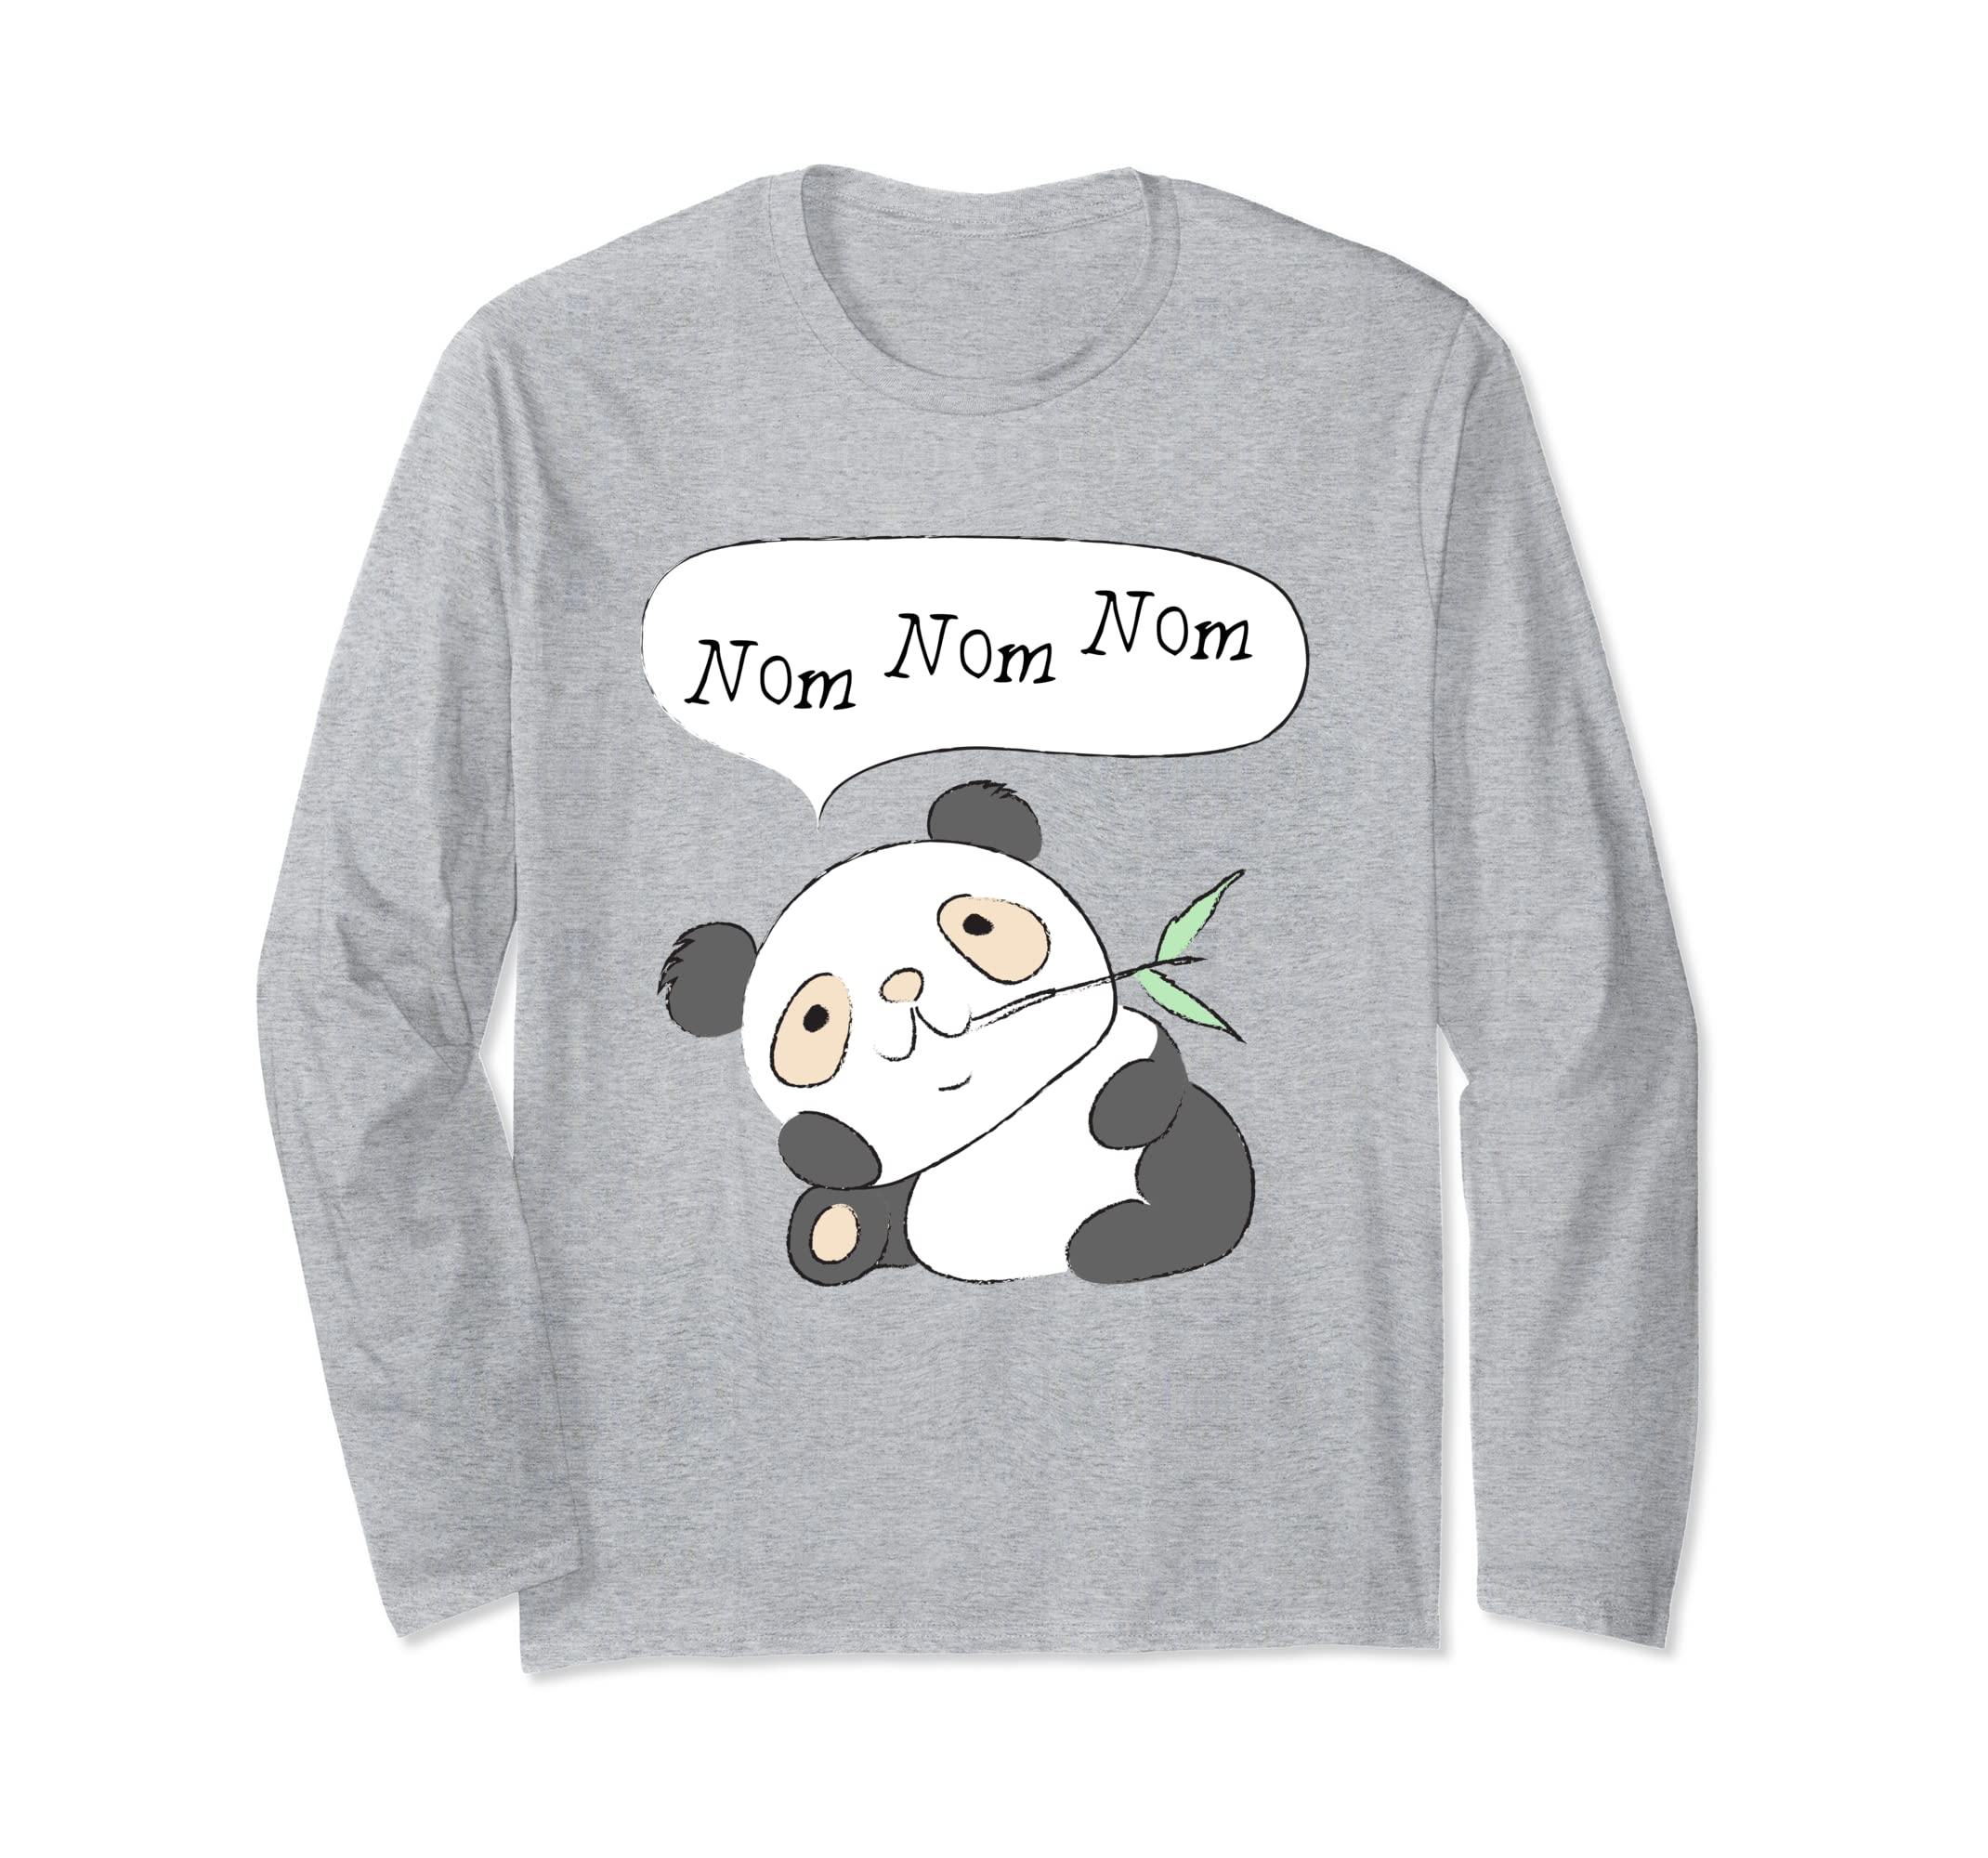 Nom Nom Nom Little Panda T-Shirt | Concrete Kitty-azvn